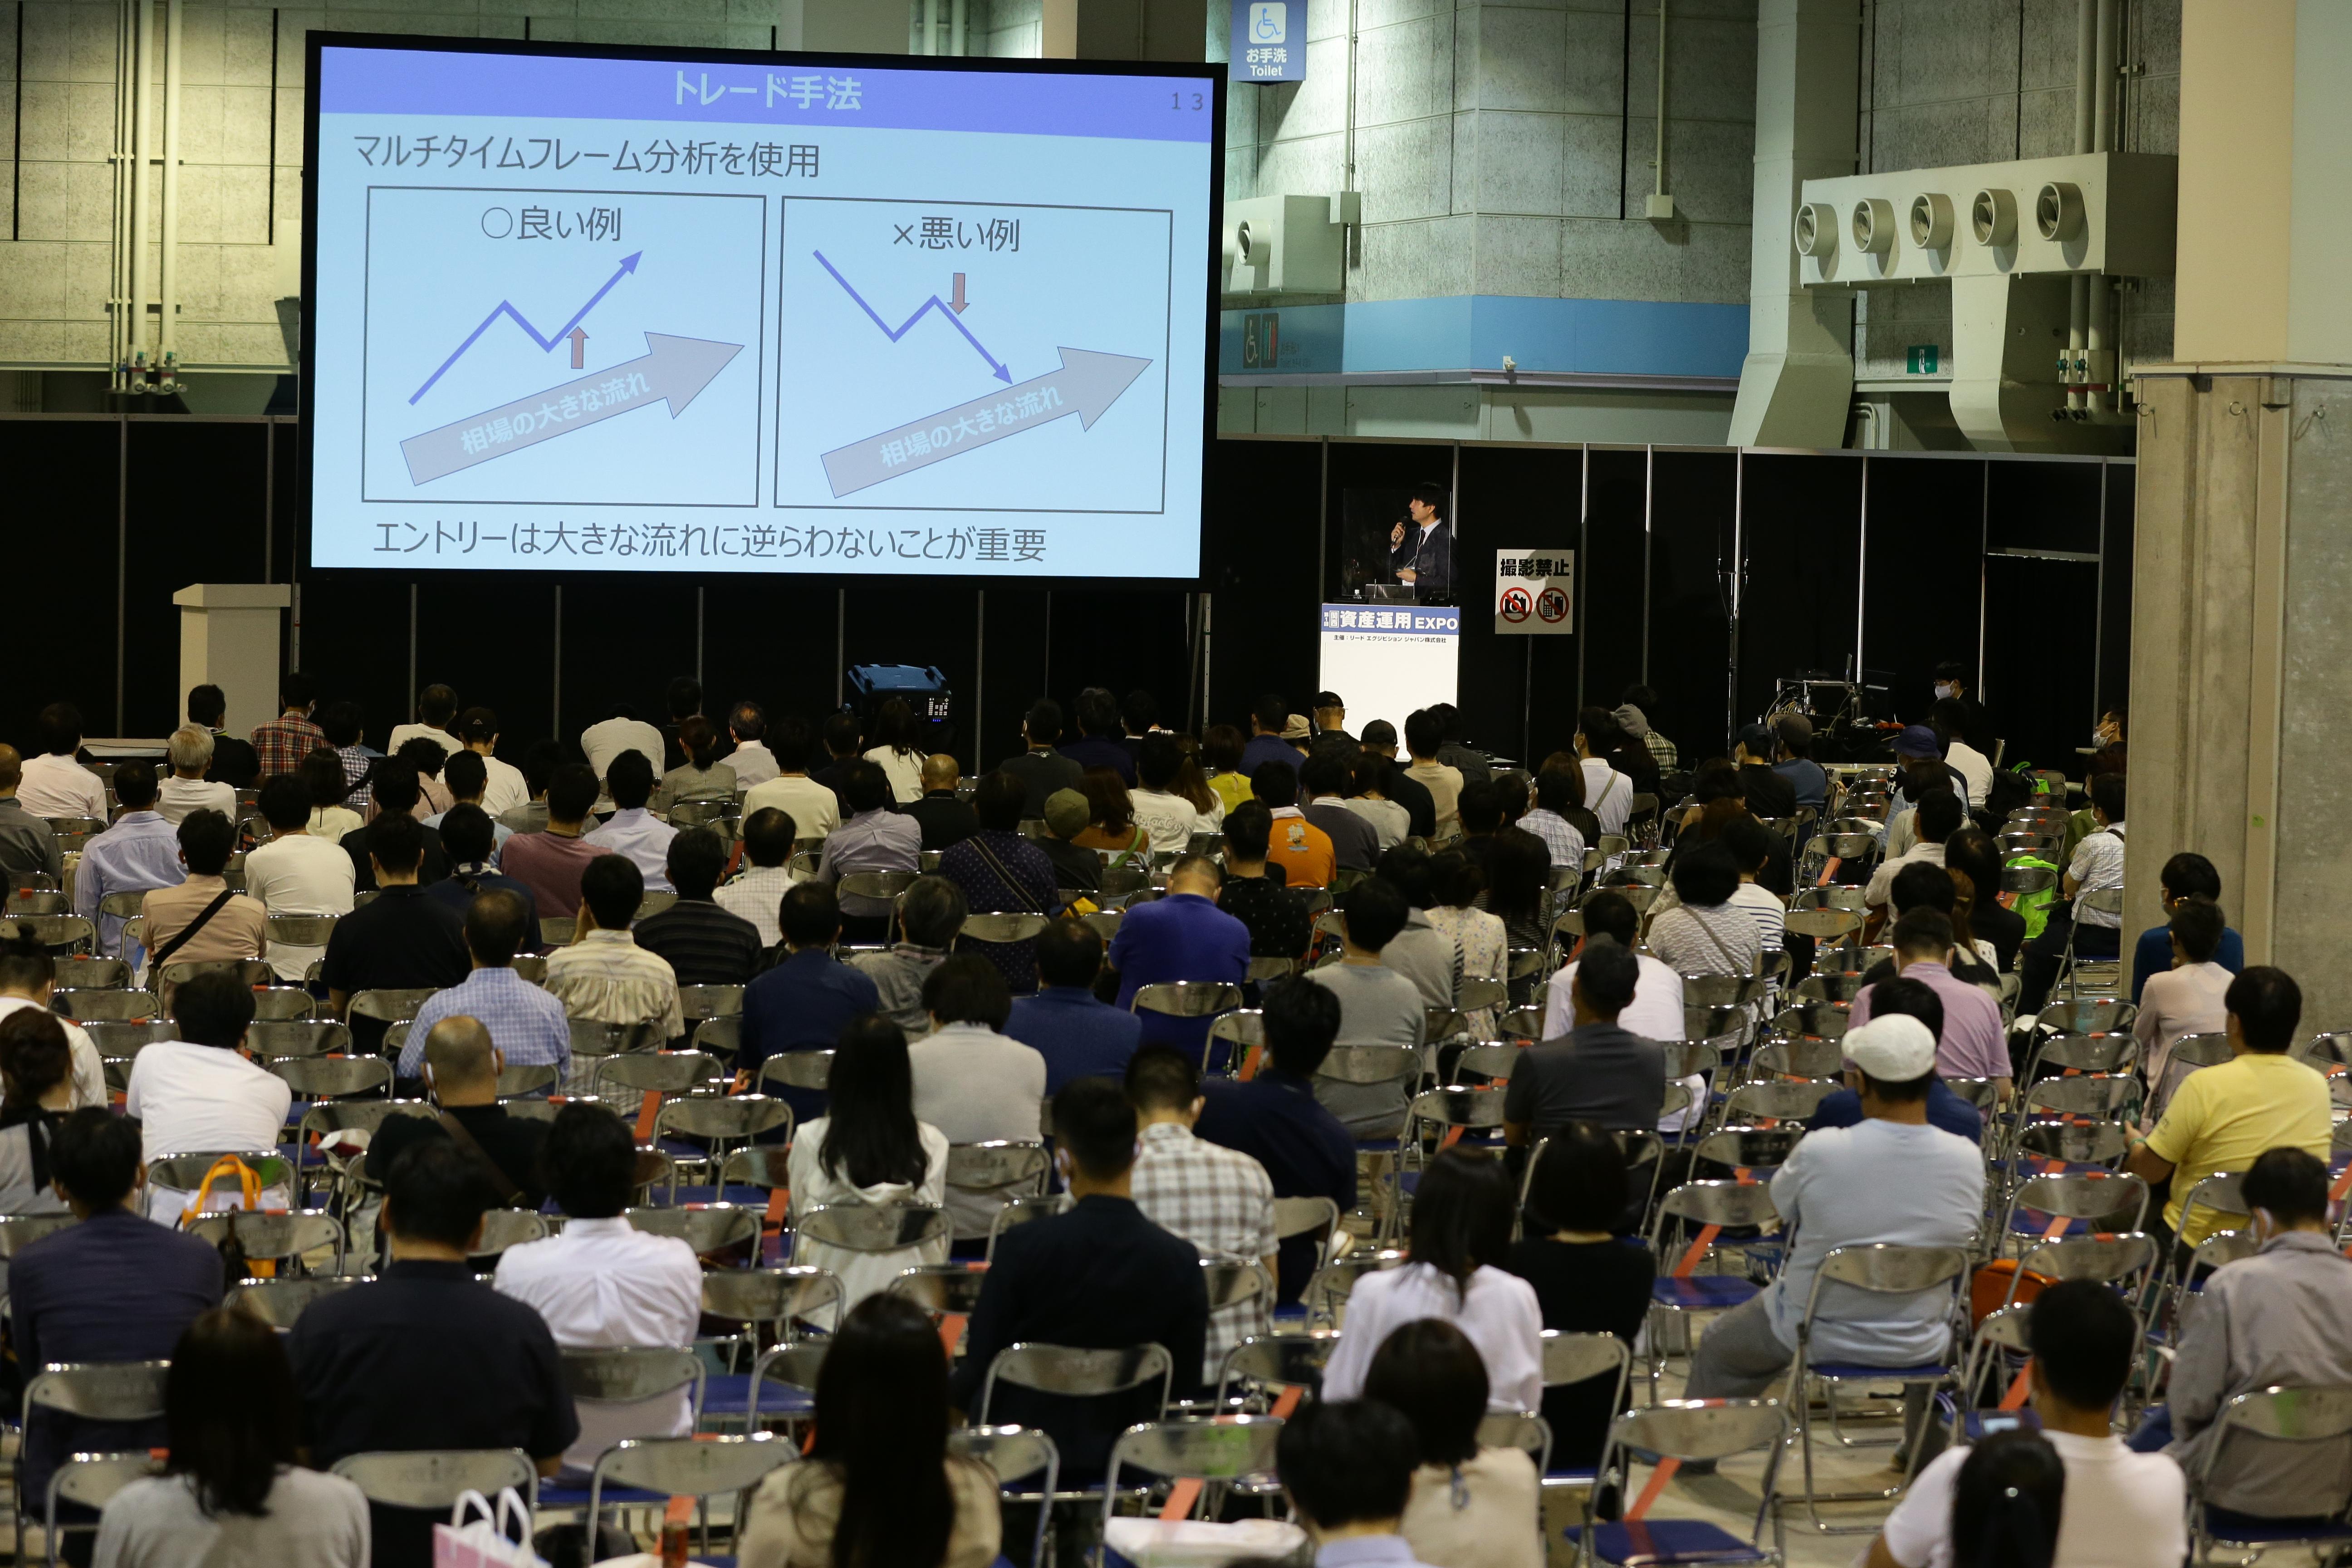 7205名が来場した関西最大級の投資セミナー「資産運用EXPO」に投資のエキスパートとして講演